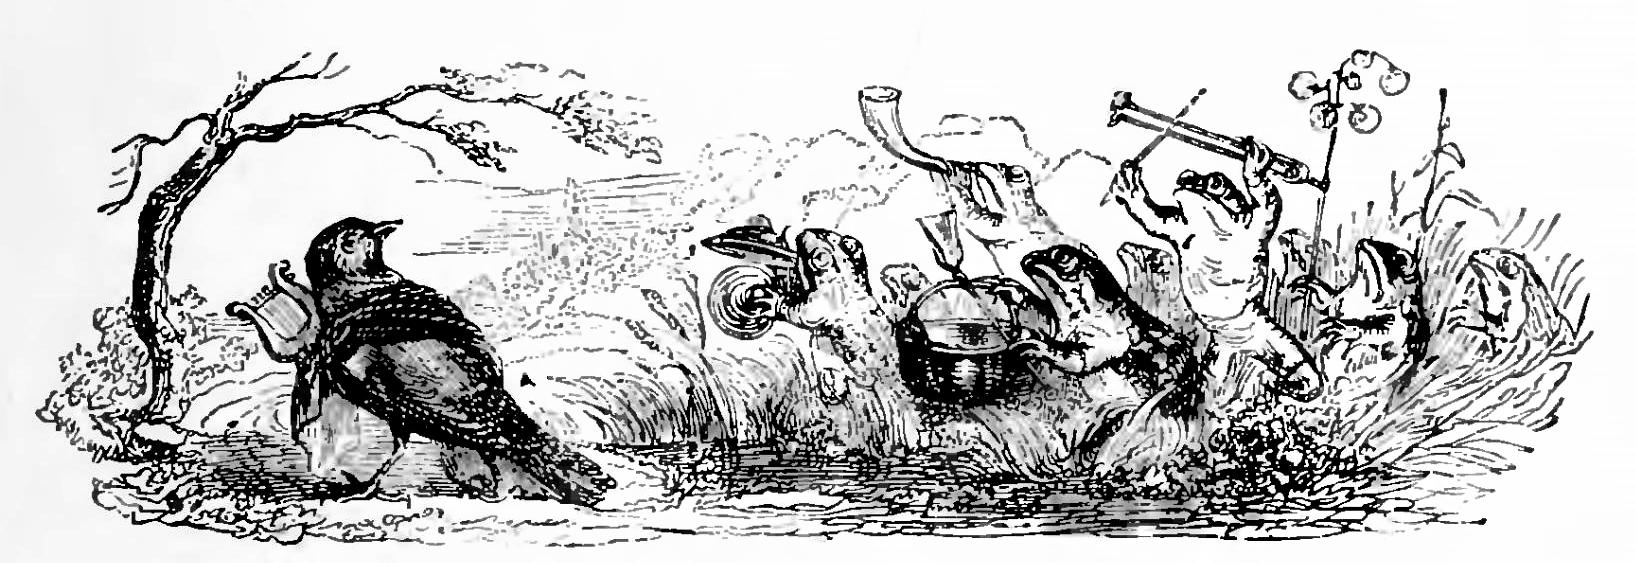 Жан Иньяс Изидор (Жерар) Гранвиль. Дневная и ночная музыка. Иллюстрации к басням Флориана